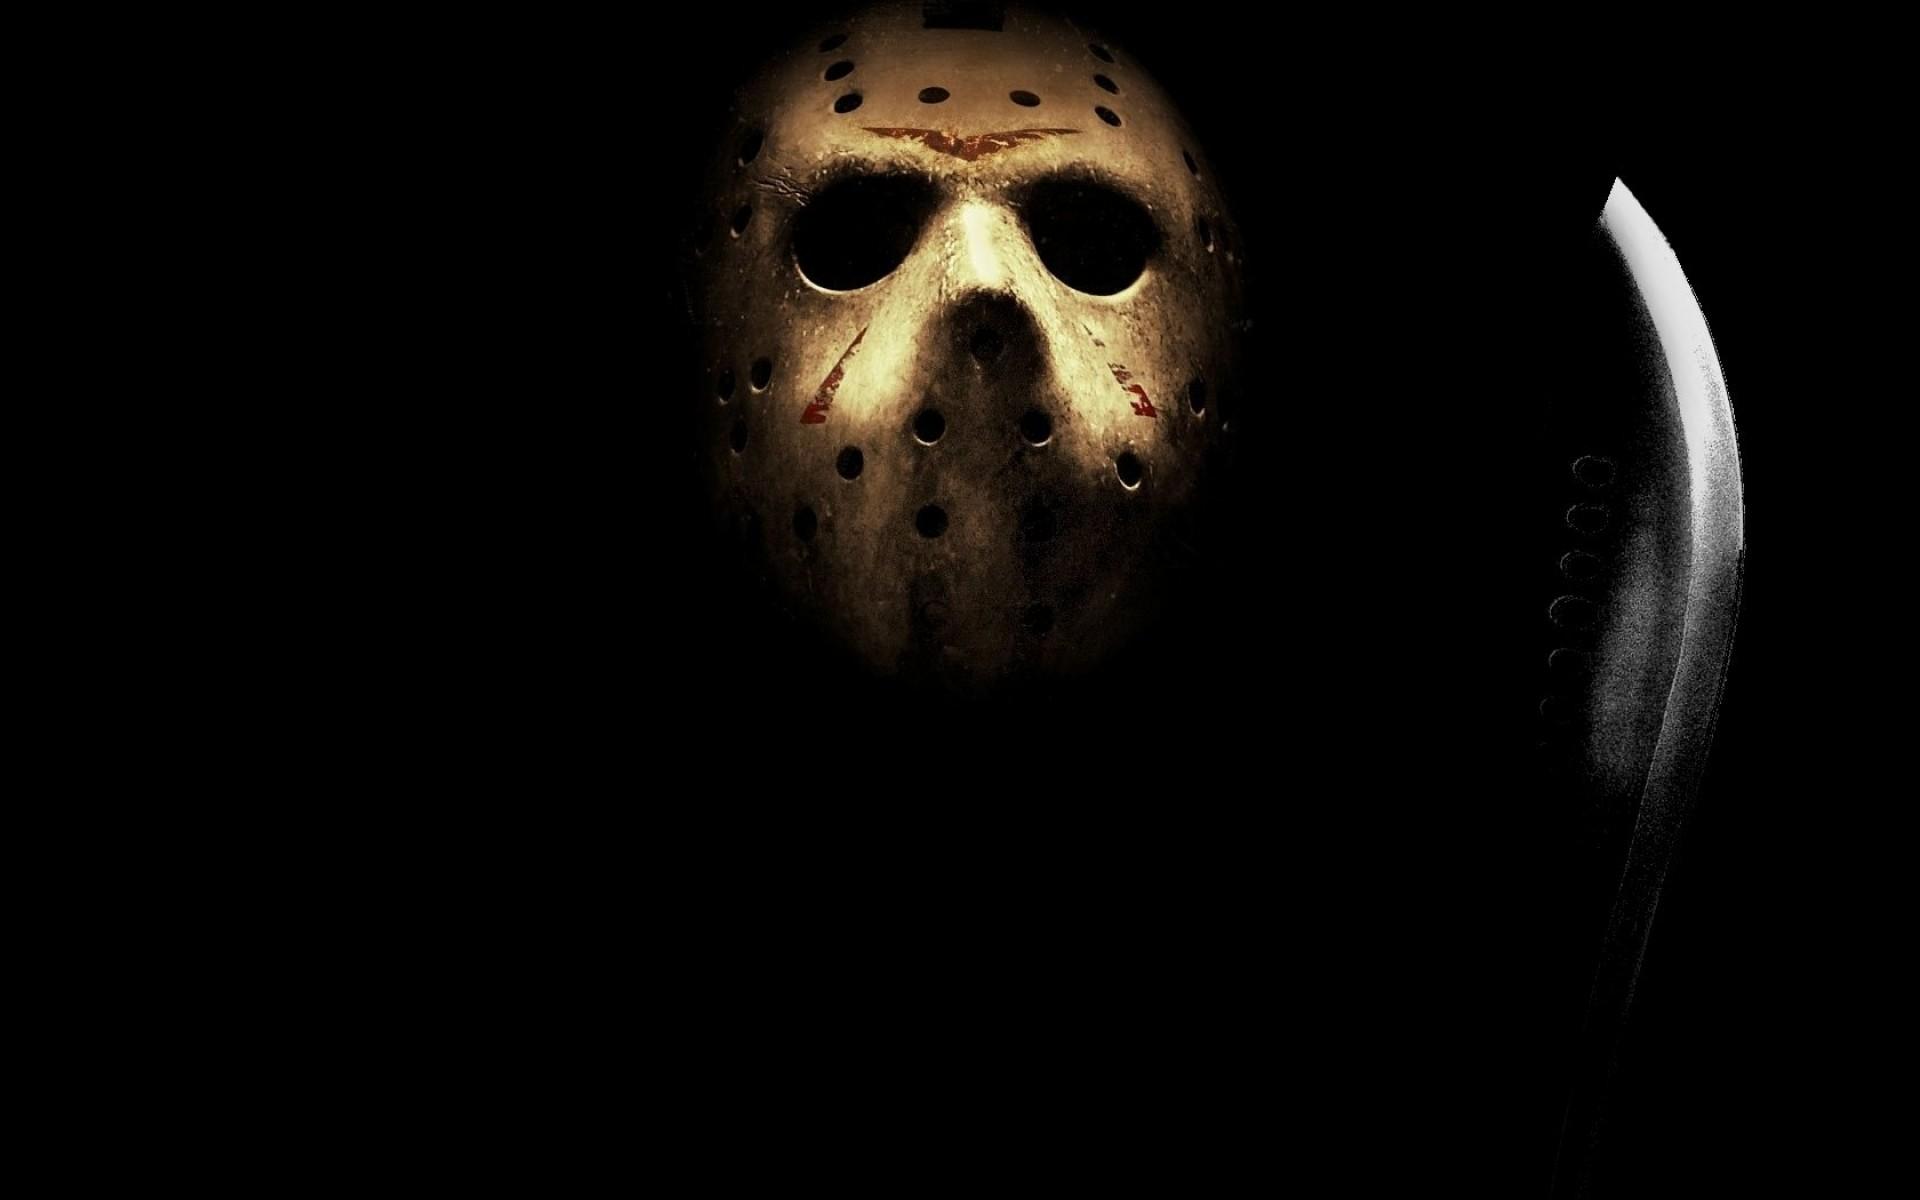 jason friday the 13th masks jason voorhees 1680×1050 wallpaper Art HD  Wallpaper